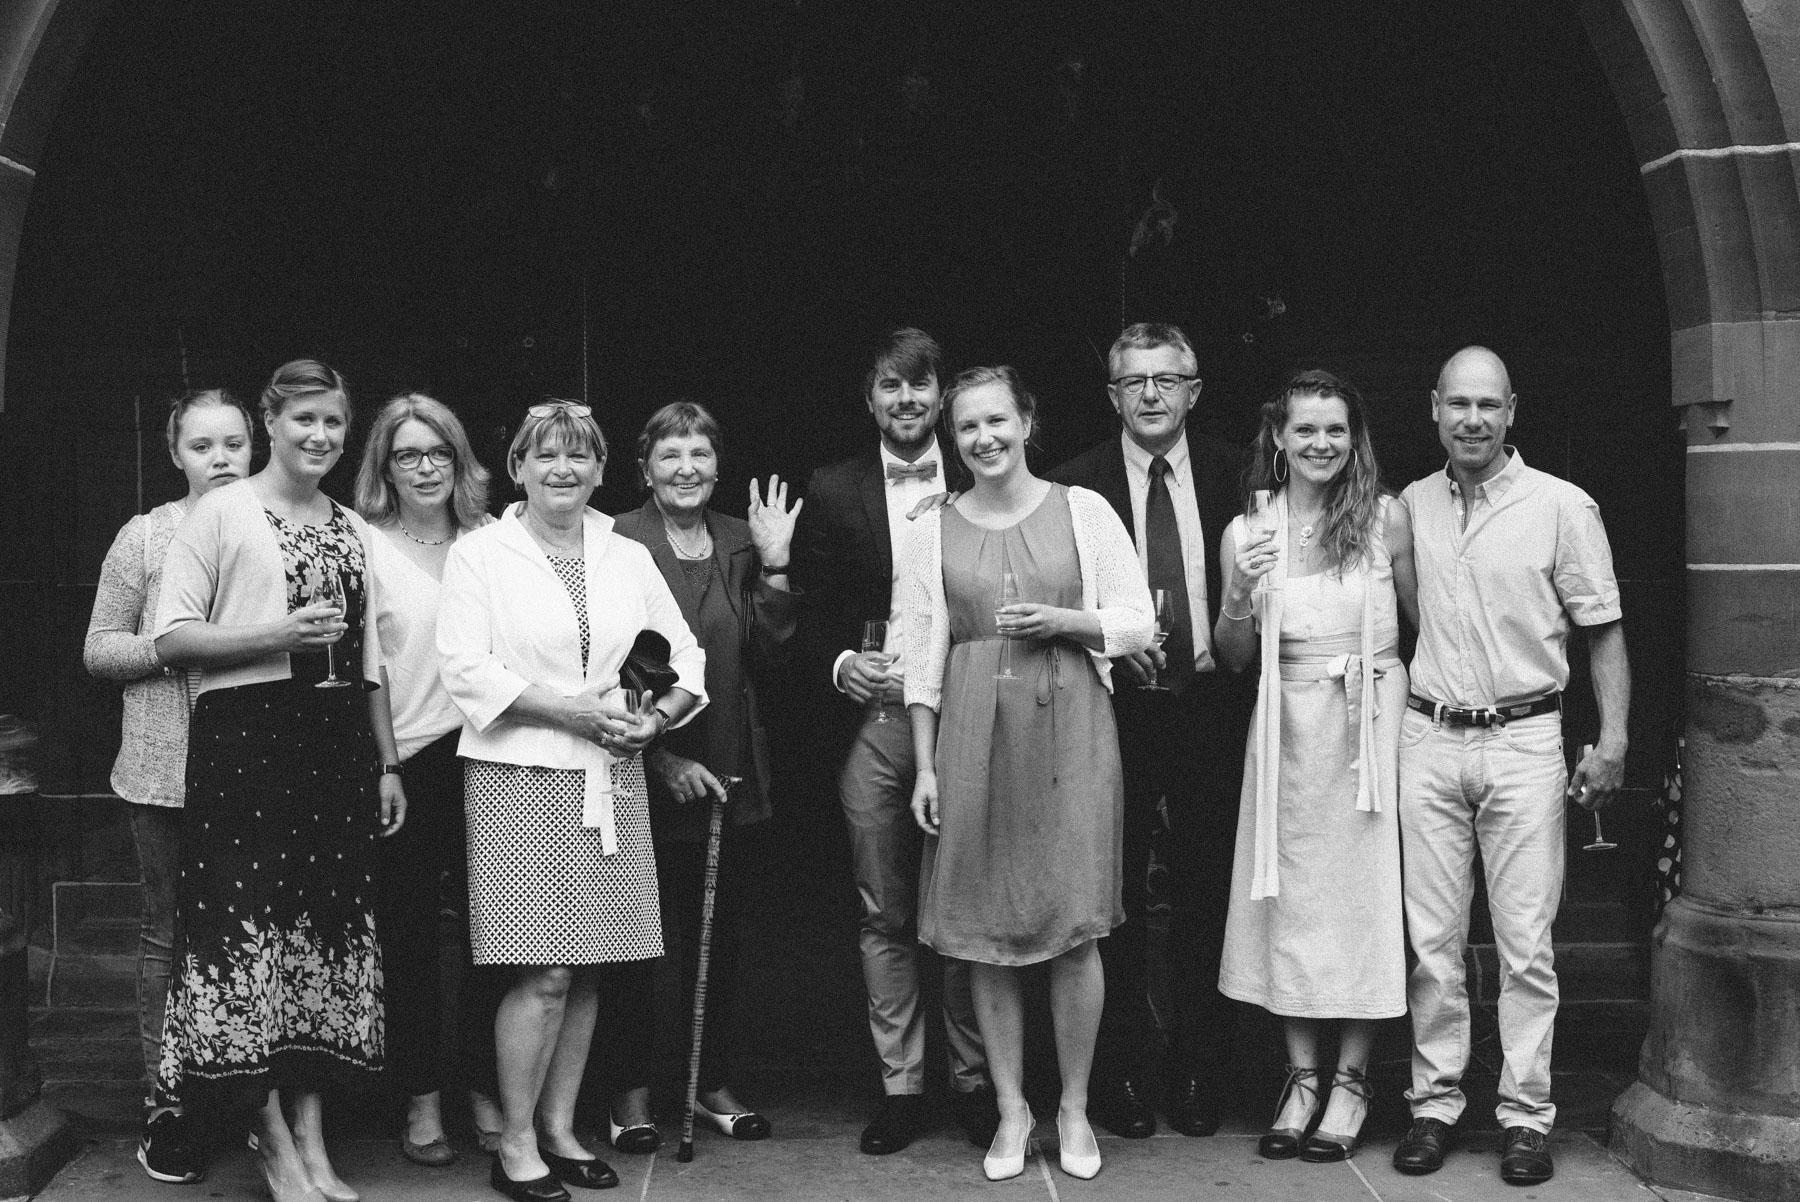 Gruppenbilder in Schwarzweiss